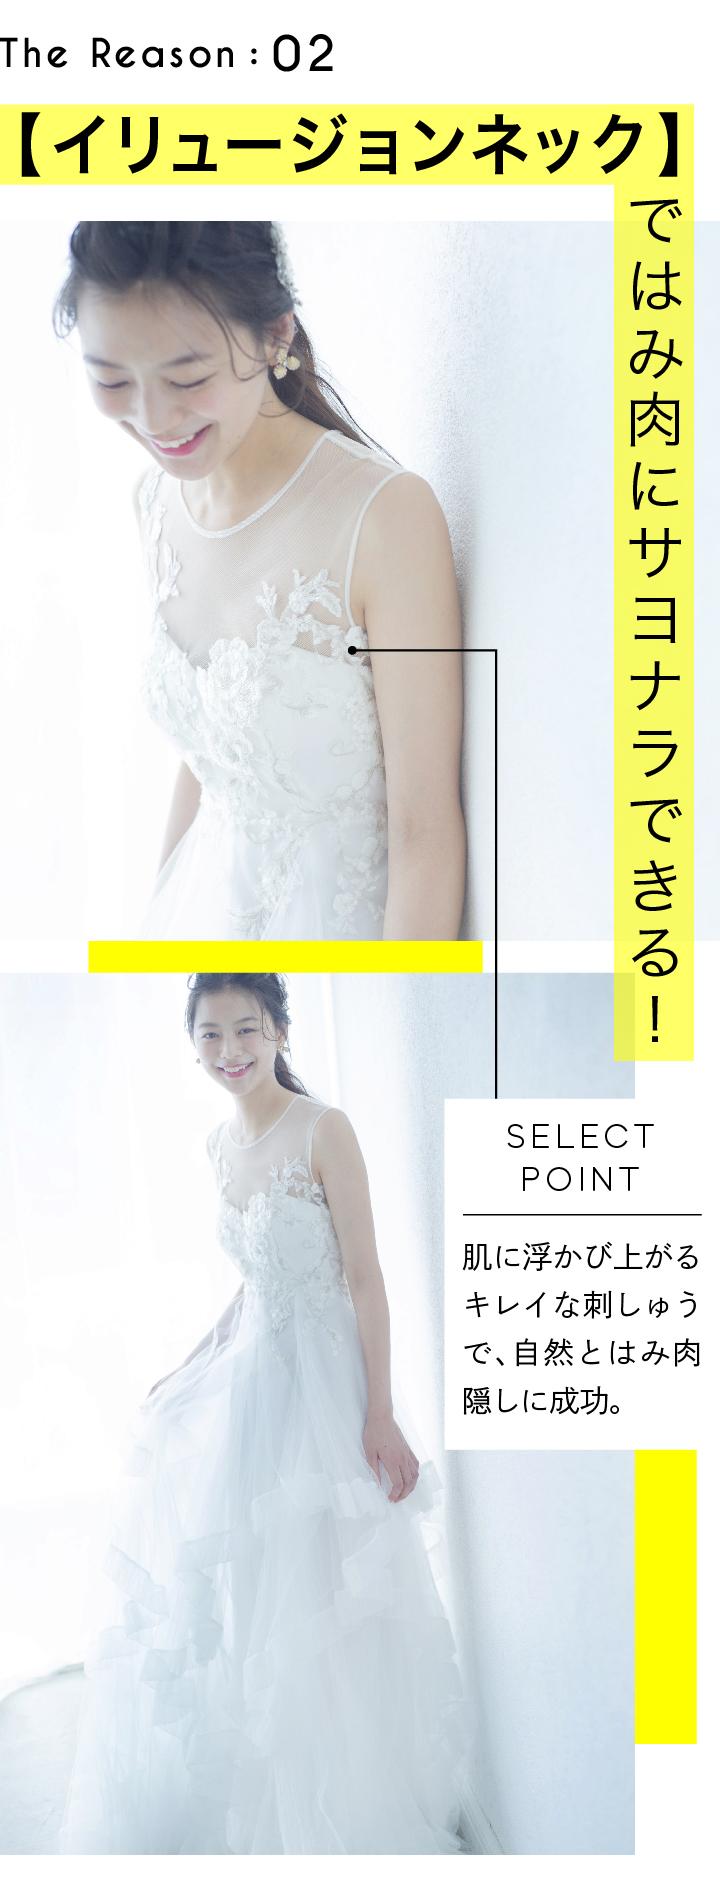 イリュージョンネックのドレス画像